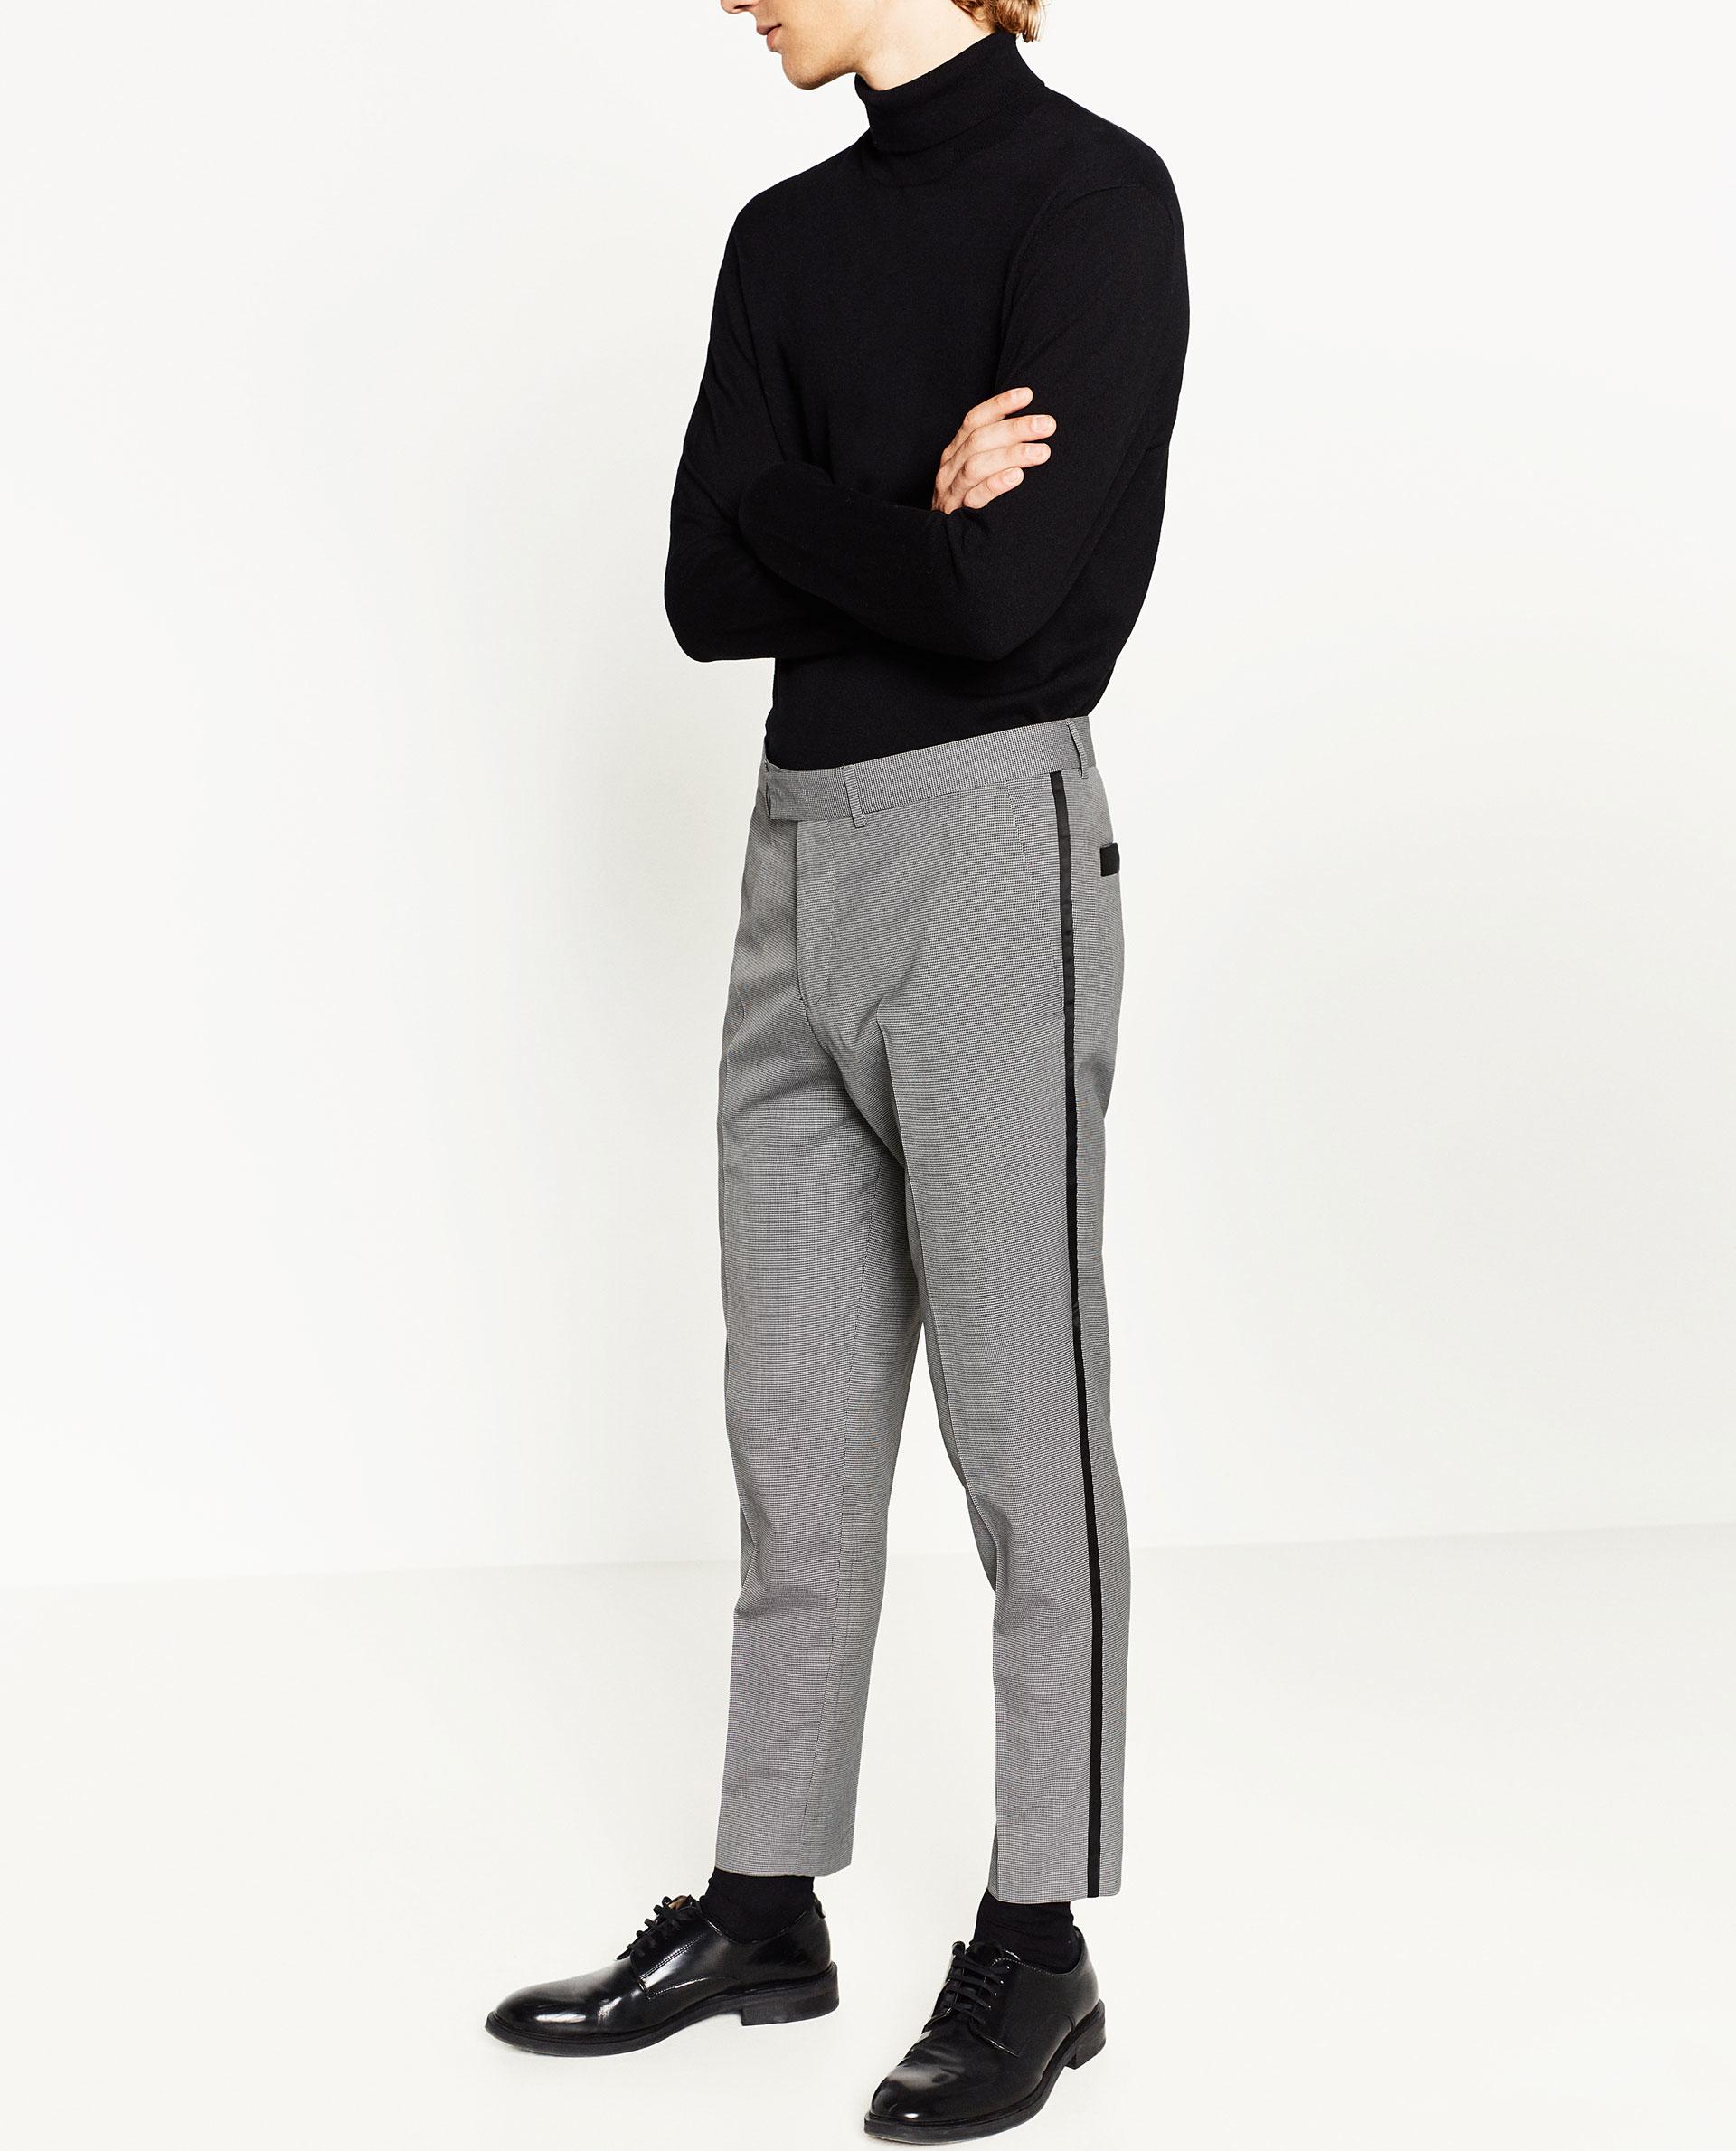 Zara Suit Trousers for Men | Lyst